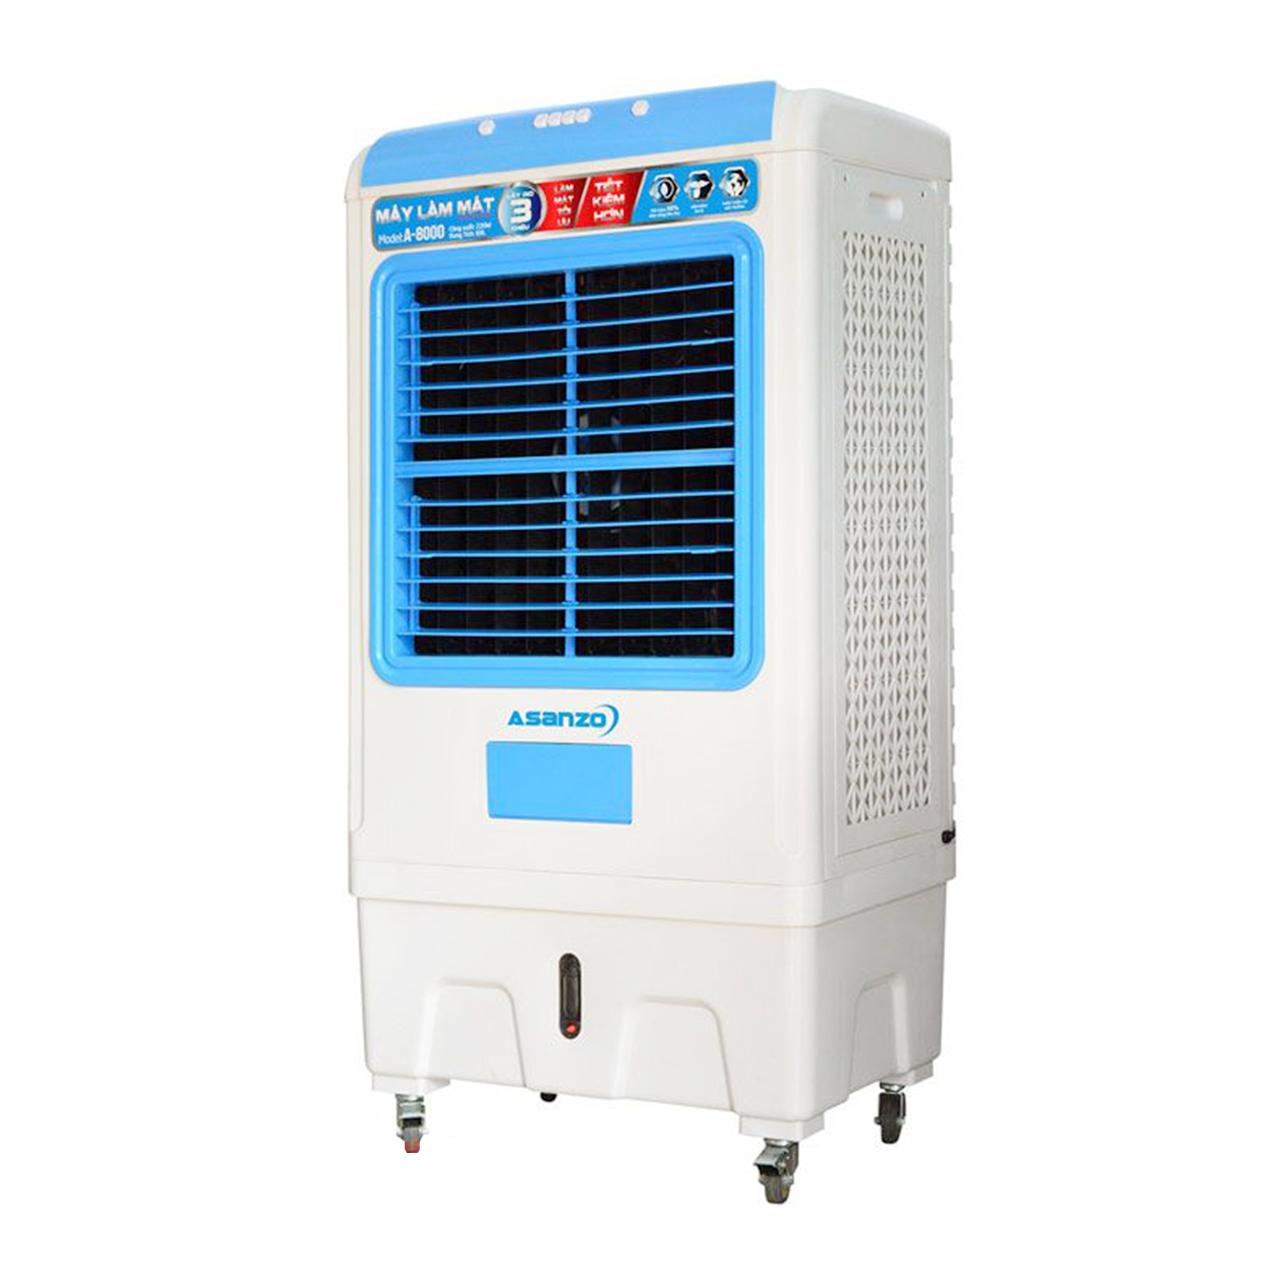 Quạt hơi nước Asanzo A-8000